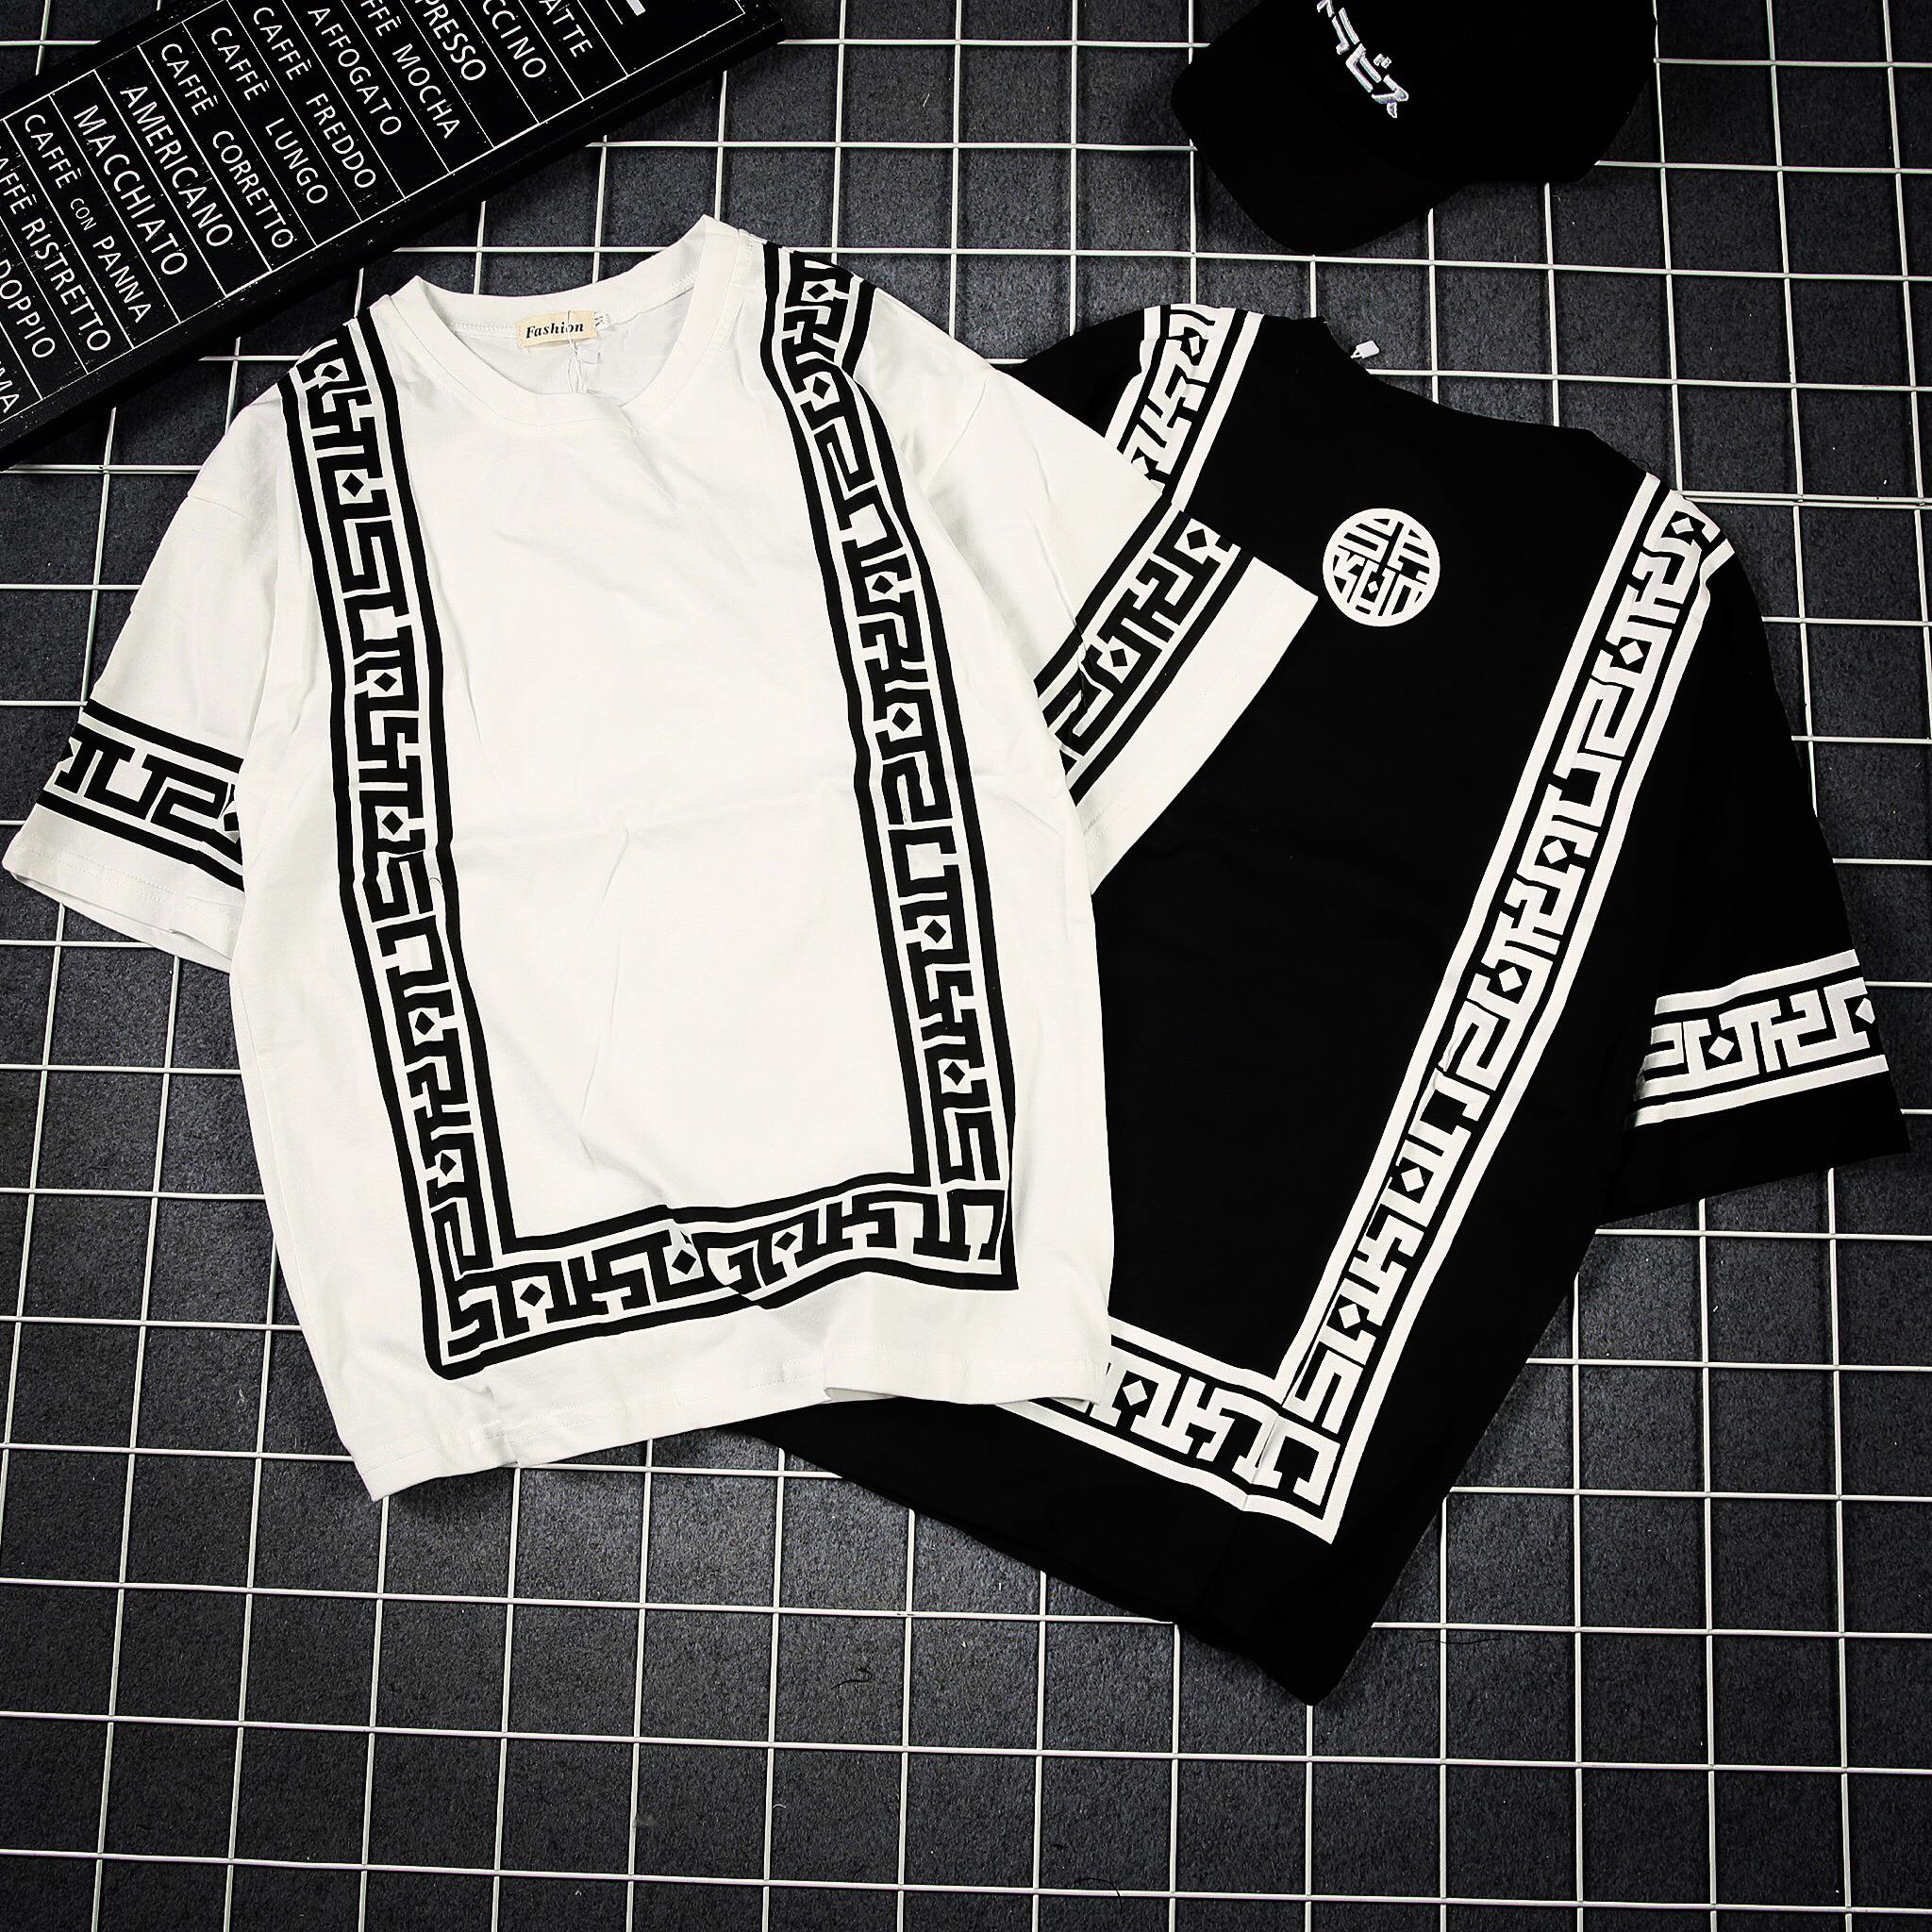 夏季新款几何印花短袖T恤男士加大码圆领七分体恤潮胖子韩版男装